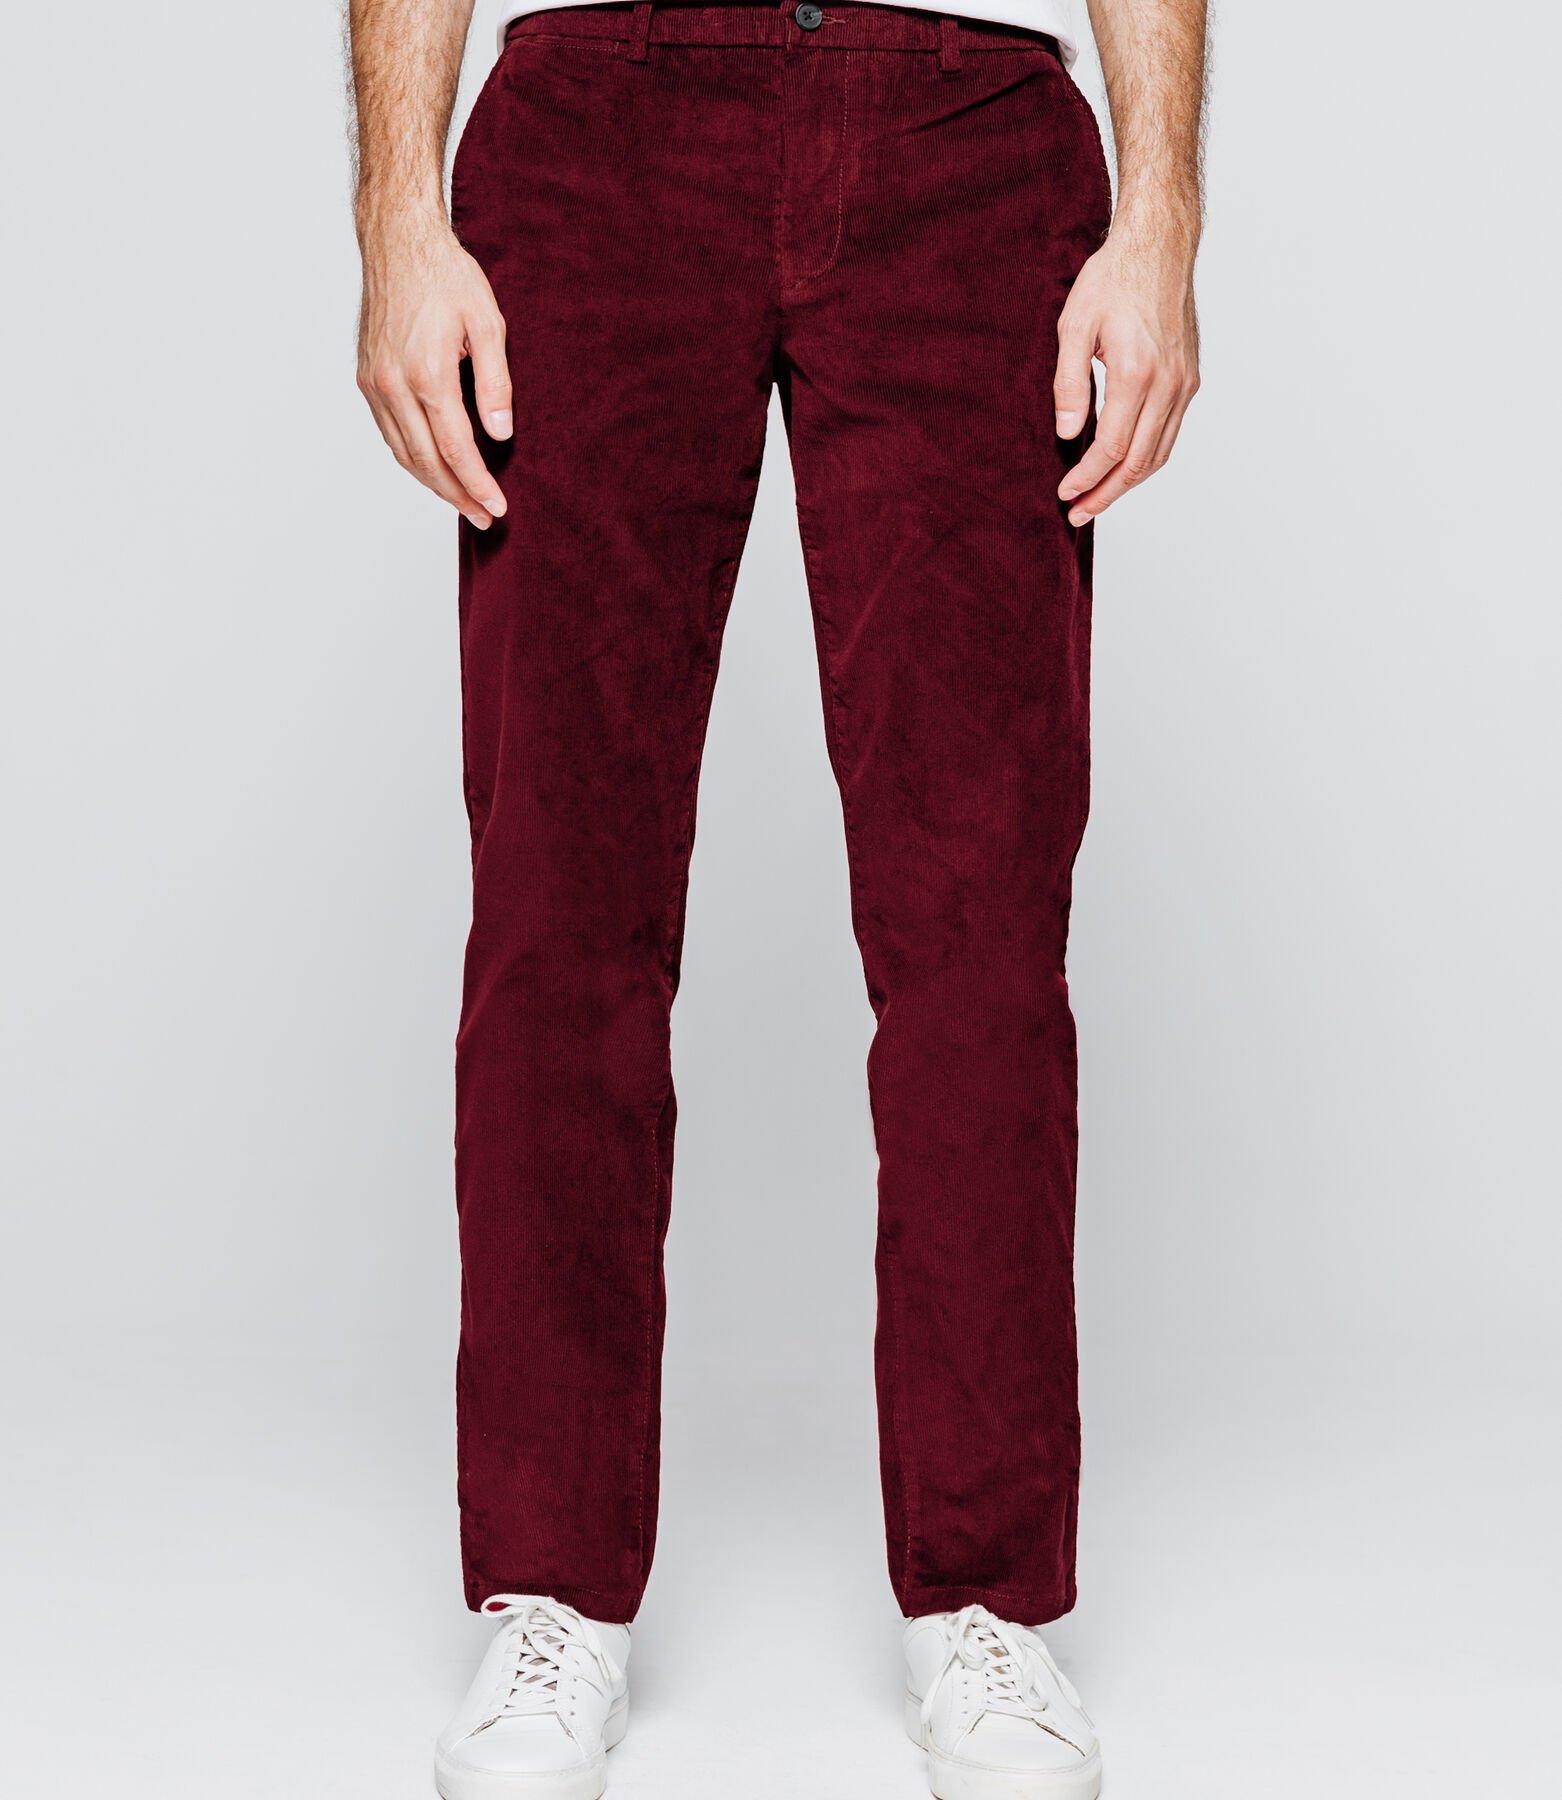 Pantalon Chino coupe droite côtelé Brice - Tailles 38 et 40